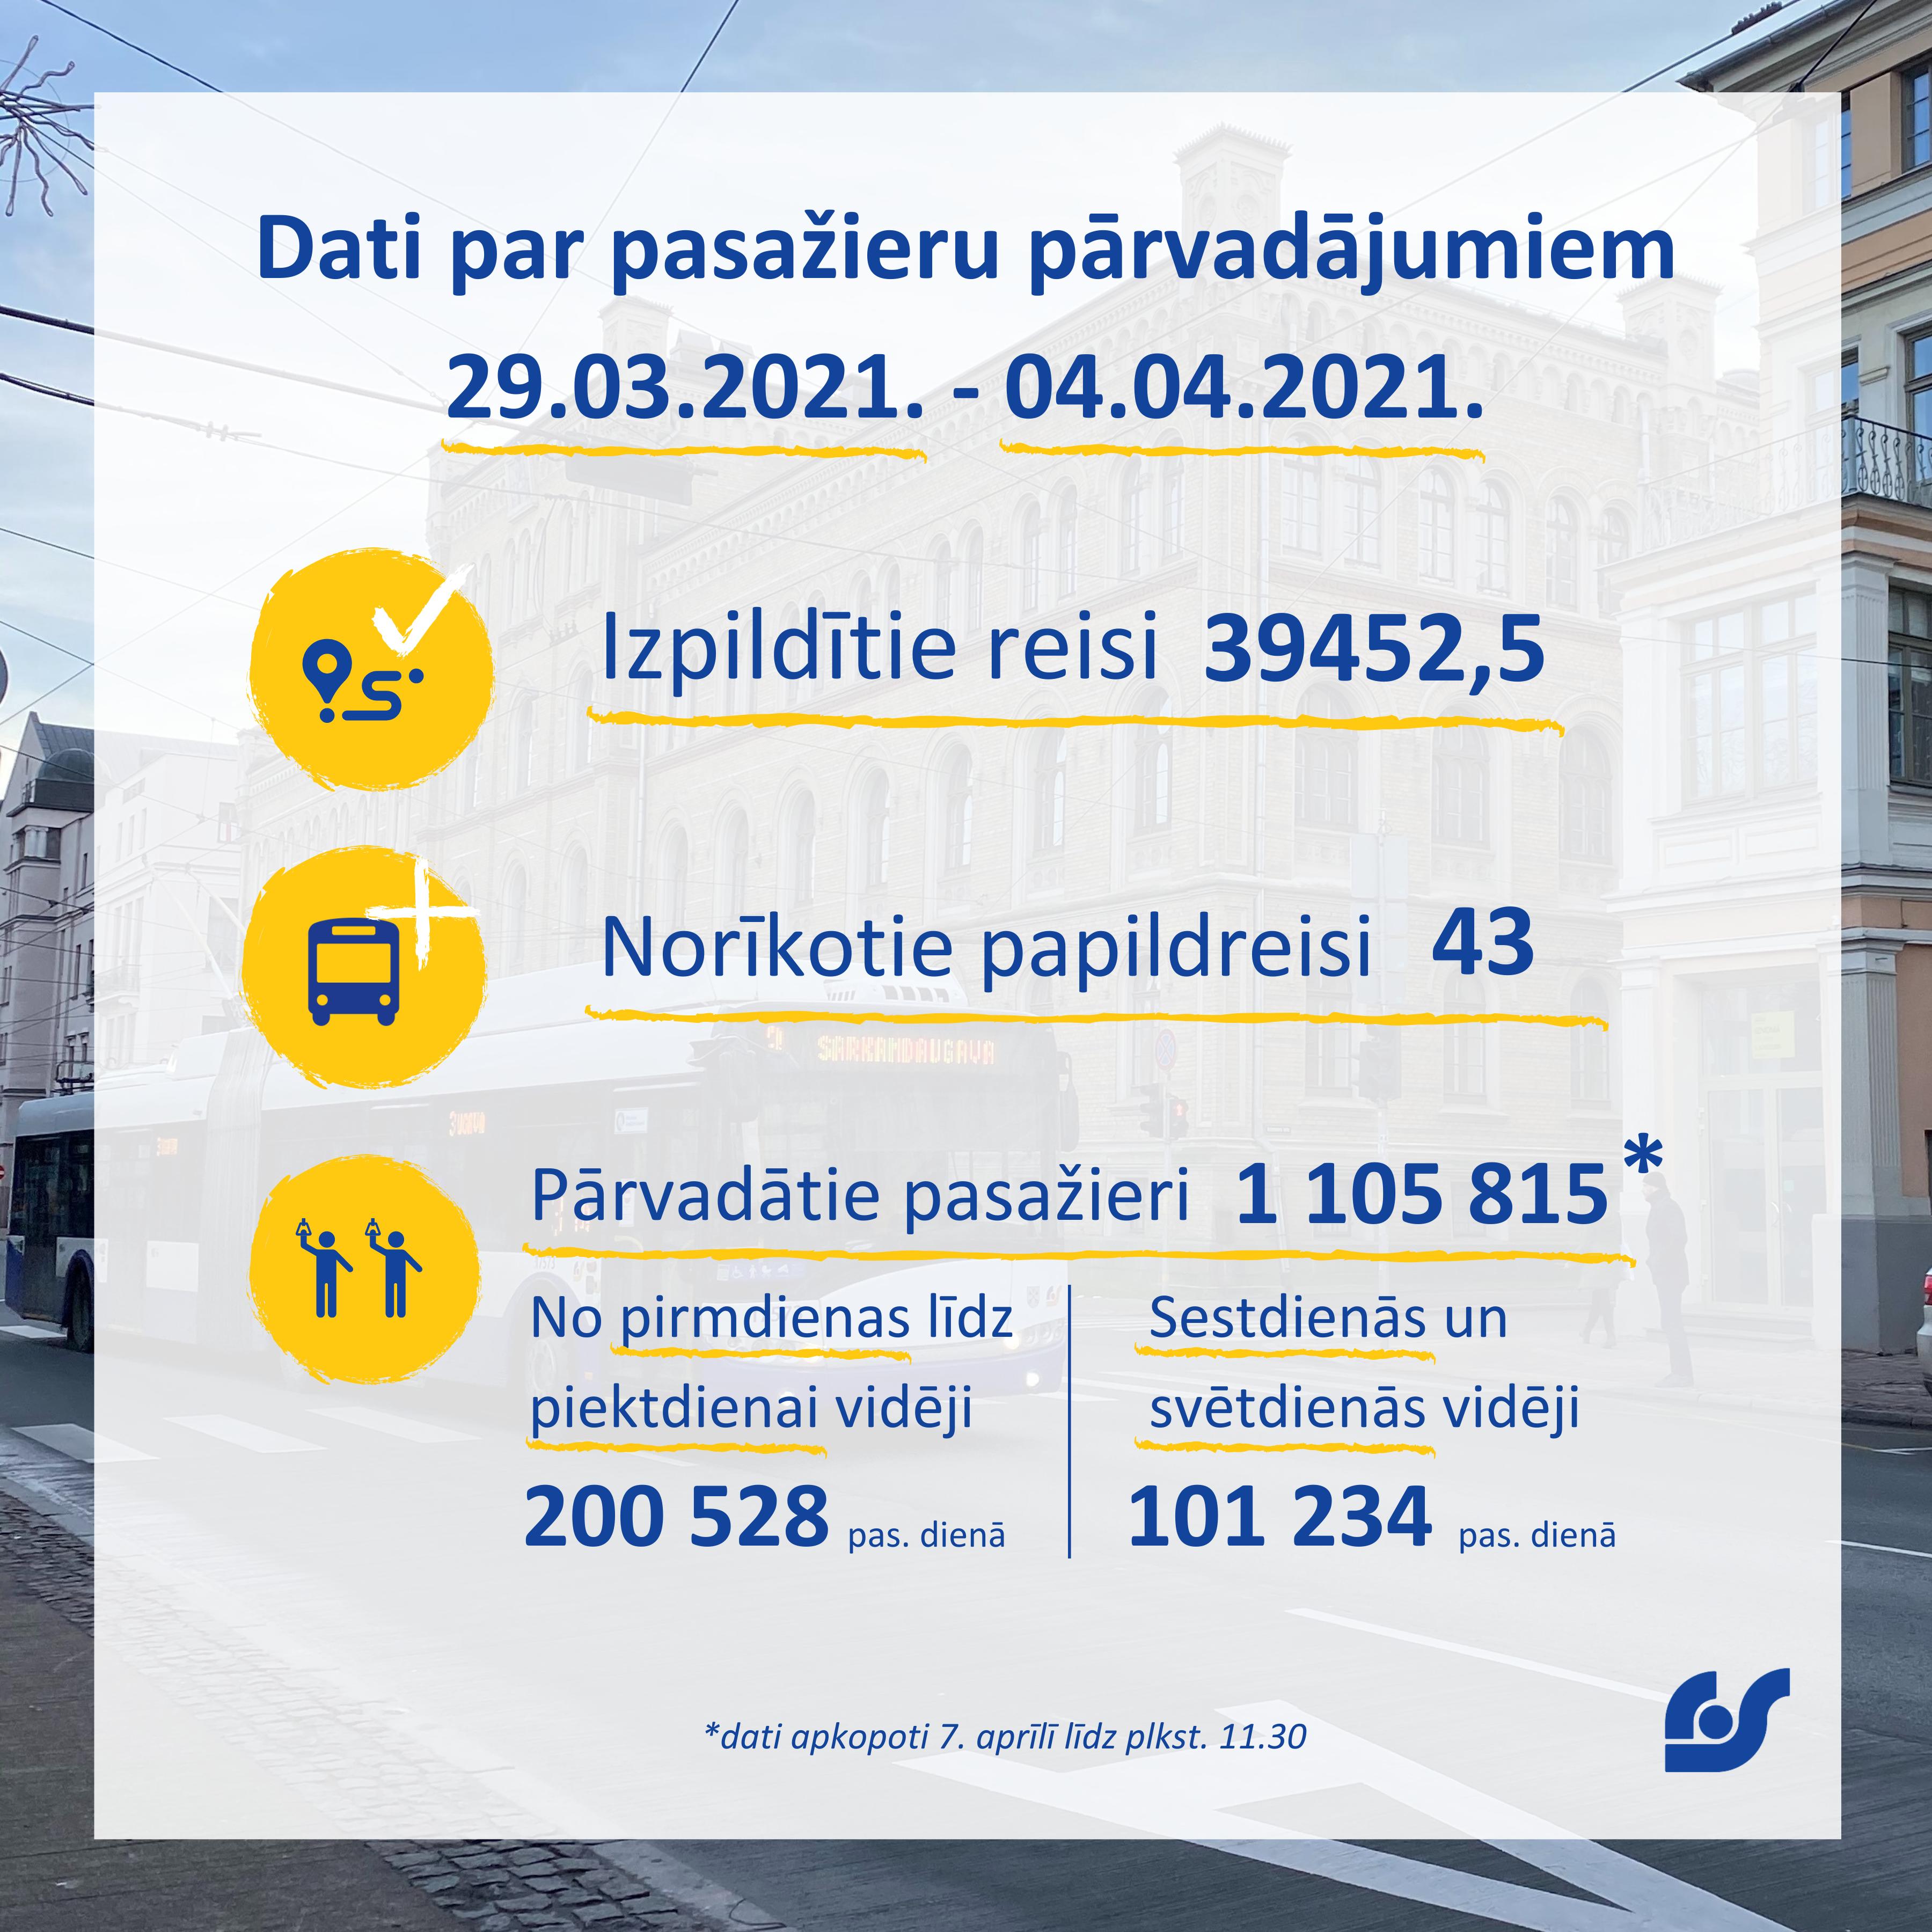 Copy of Copy of Dati par pasažieru pārvadājumiem 01.02.2021. - 07.02.2021. (6).png